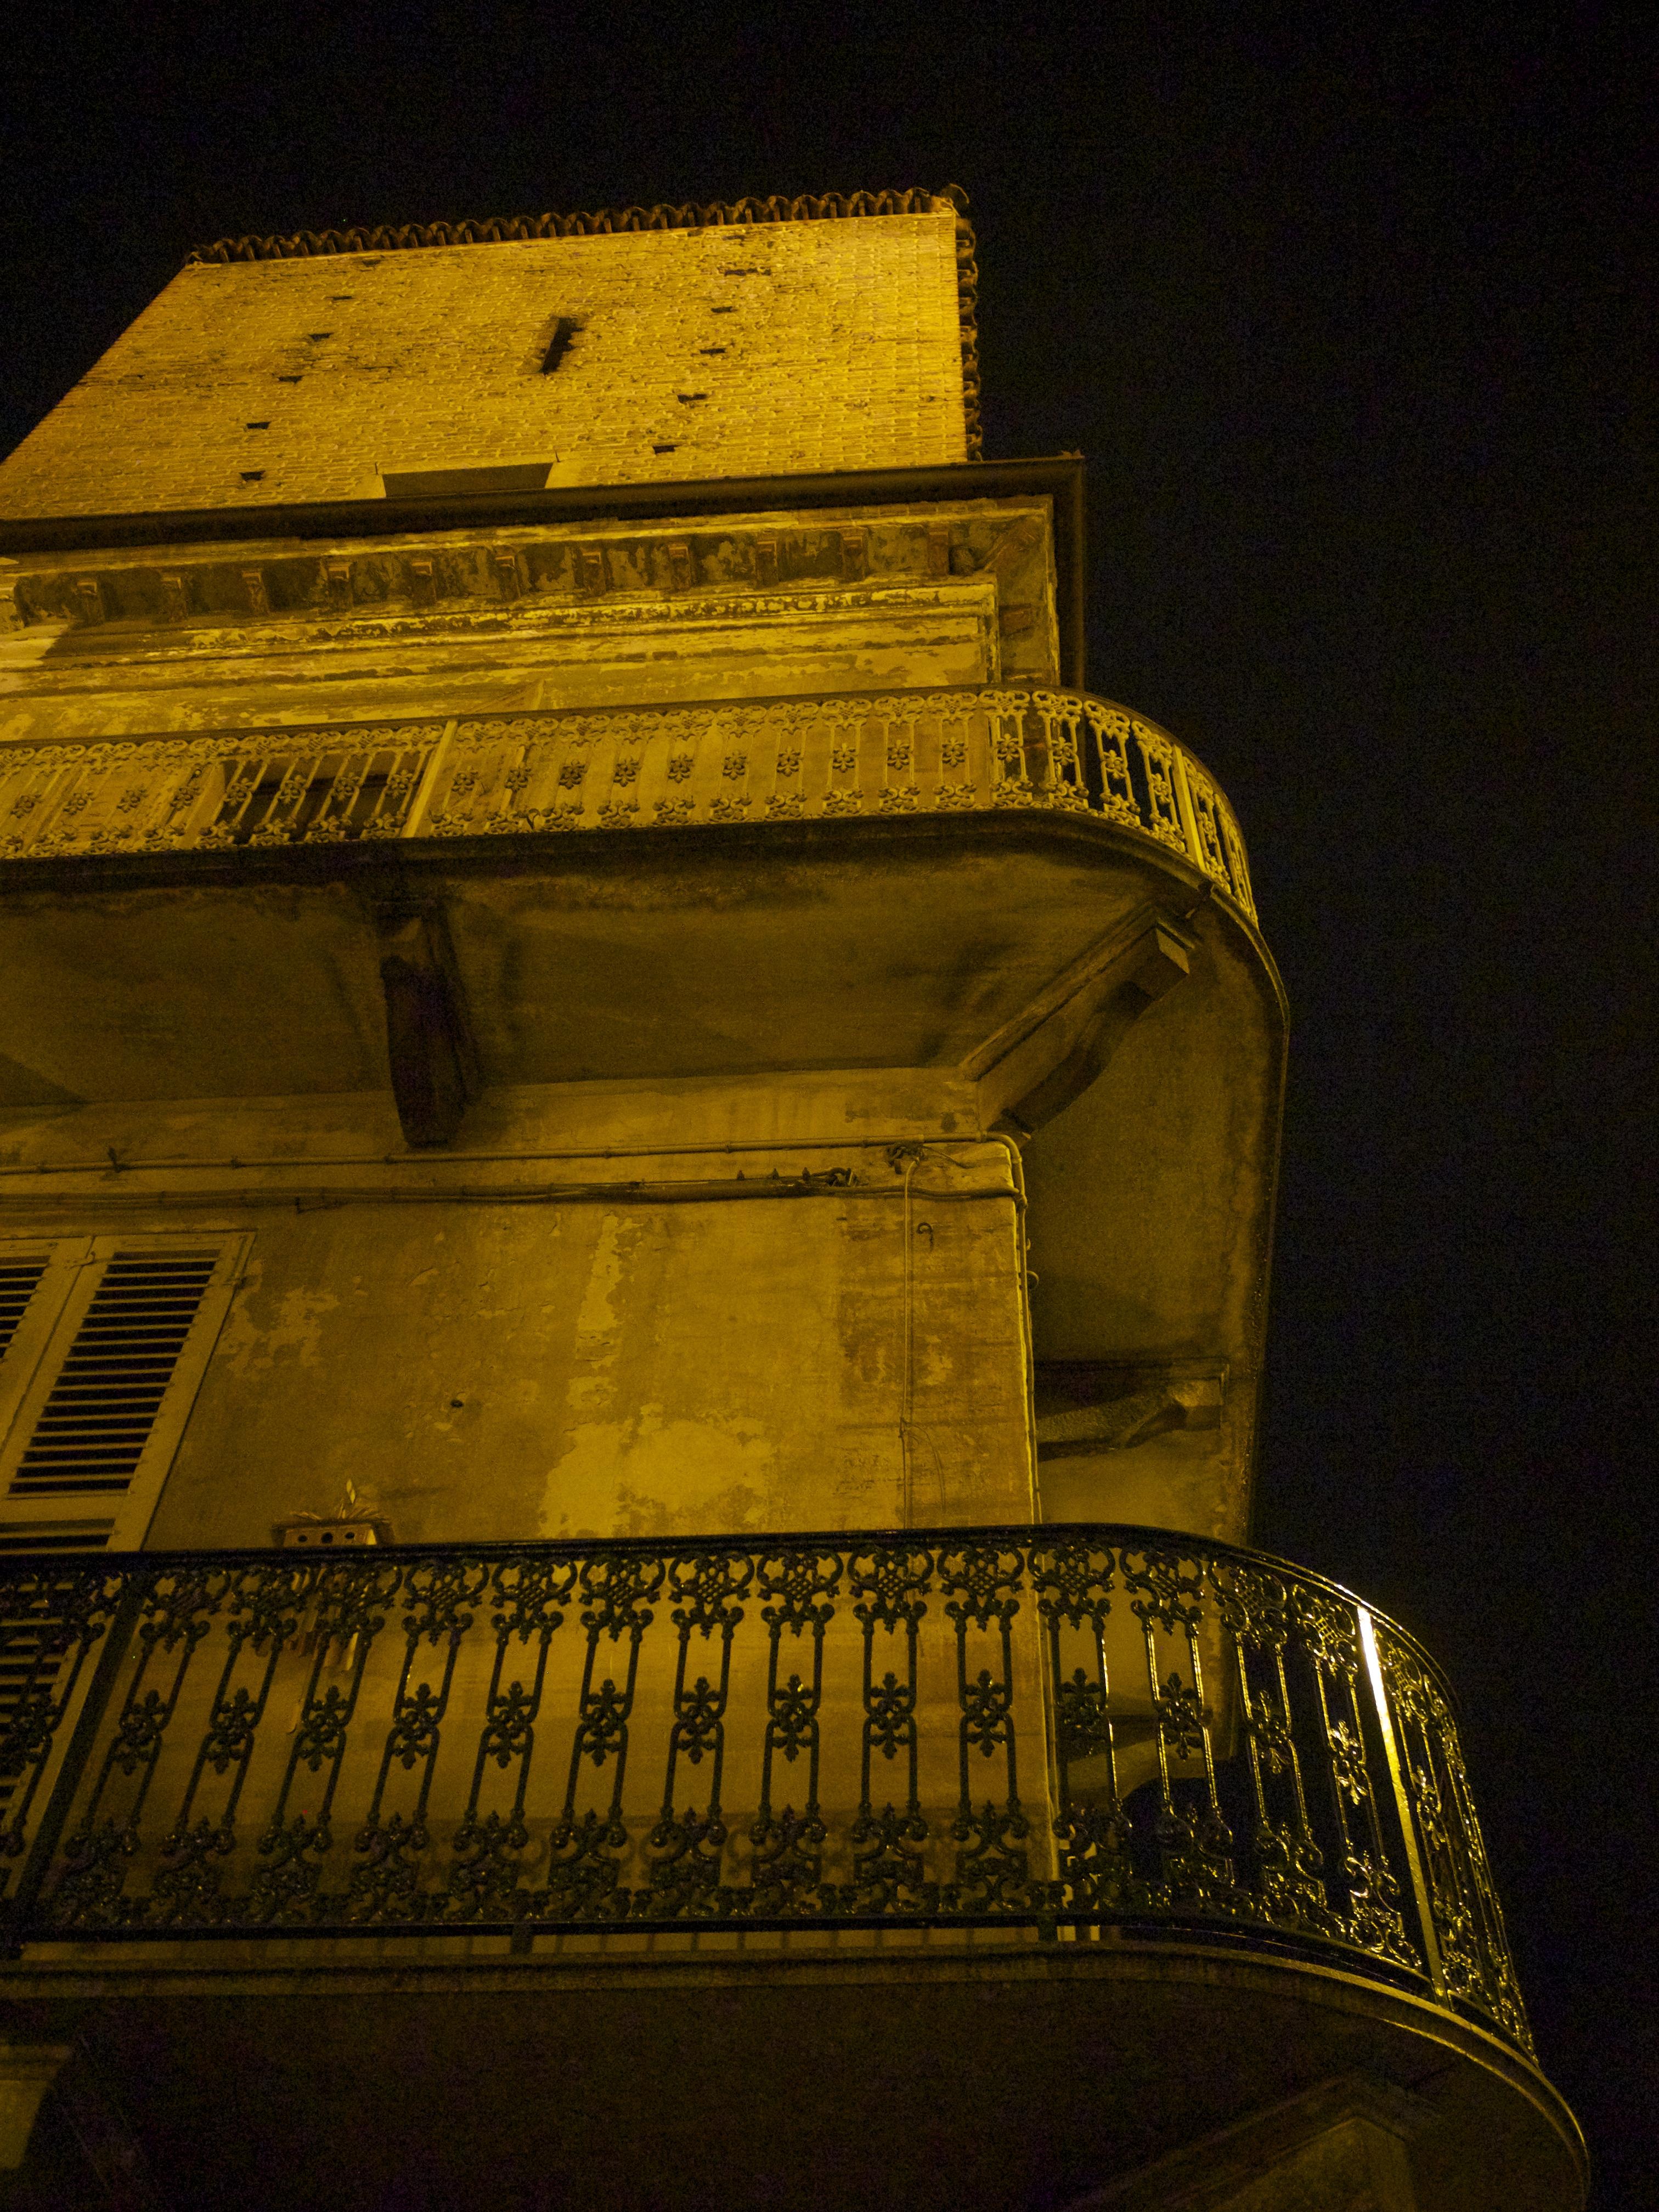 Via Camillo Benso Cavour, Alba, Italy (No. 1)